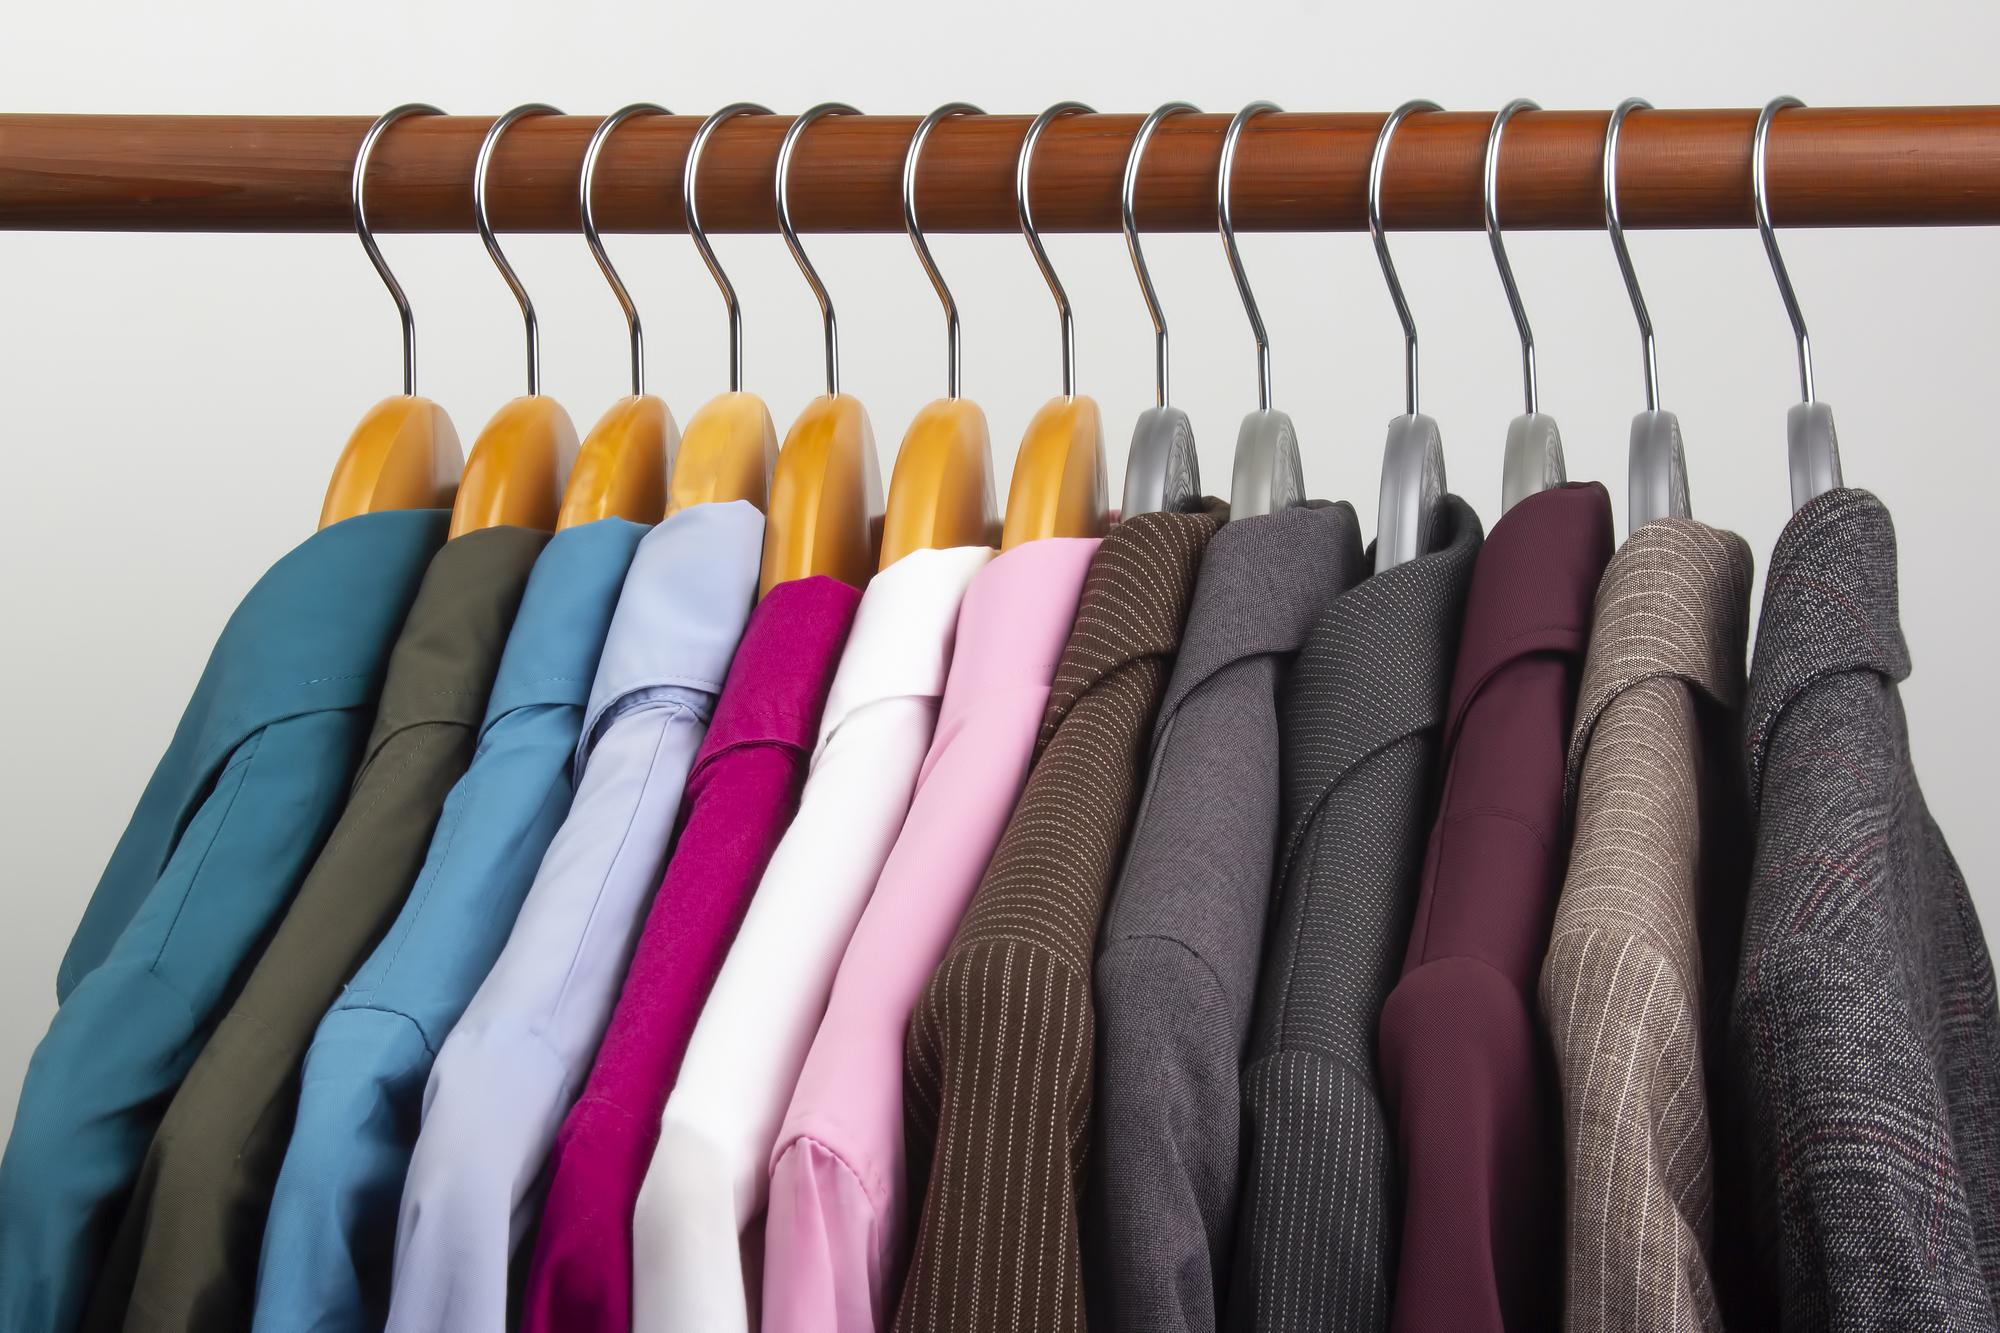 クローゼットにアウターの衣類が多い